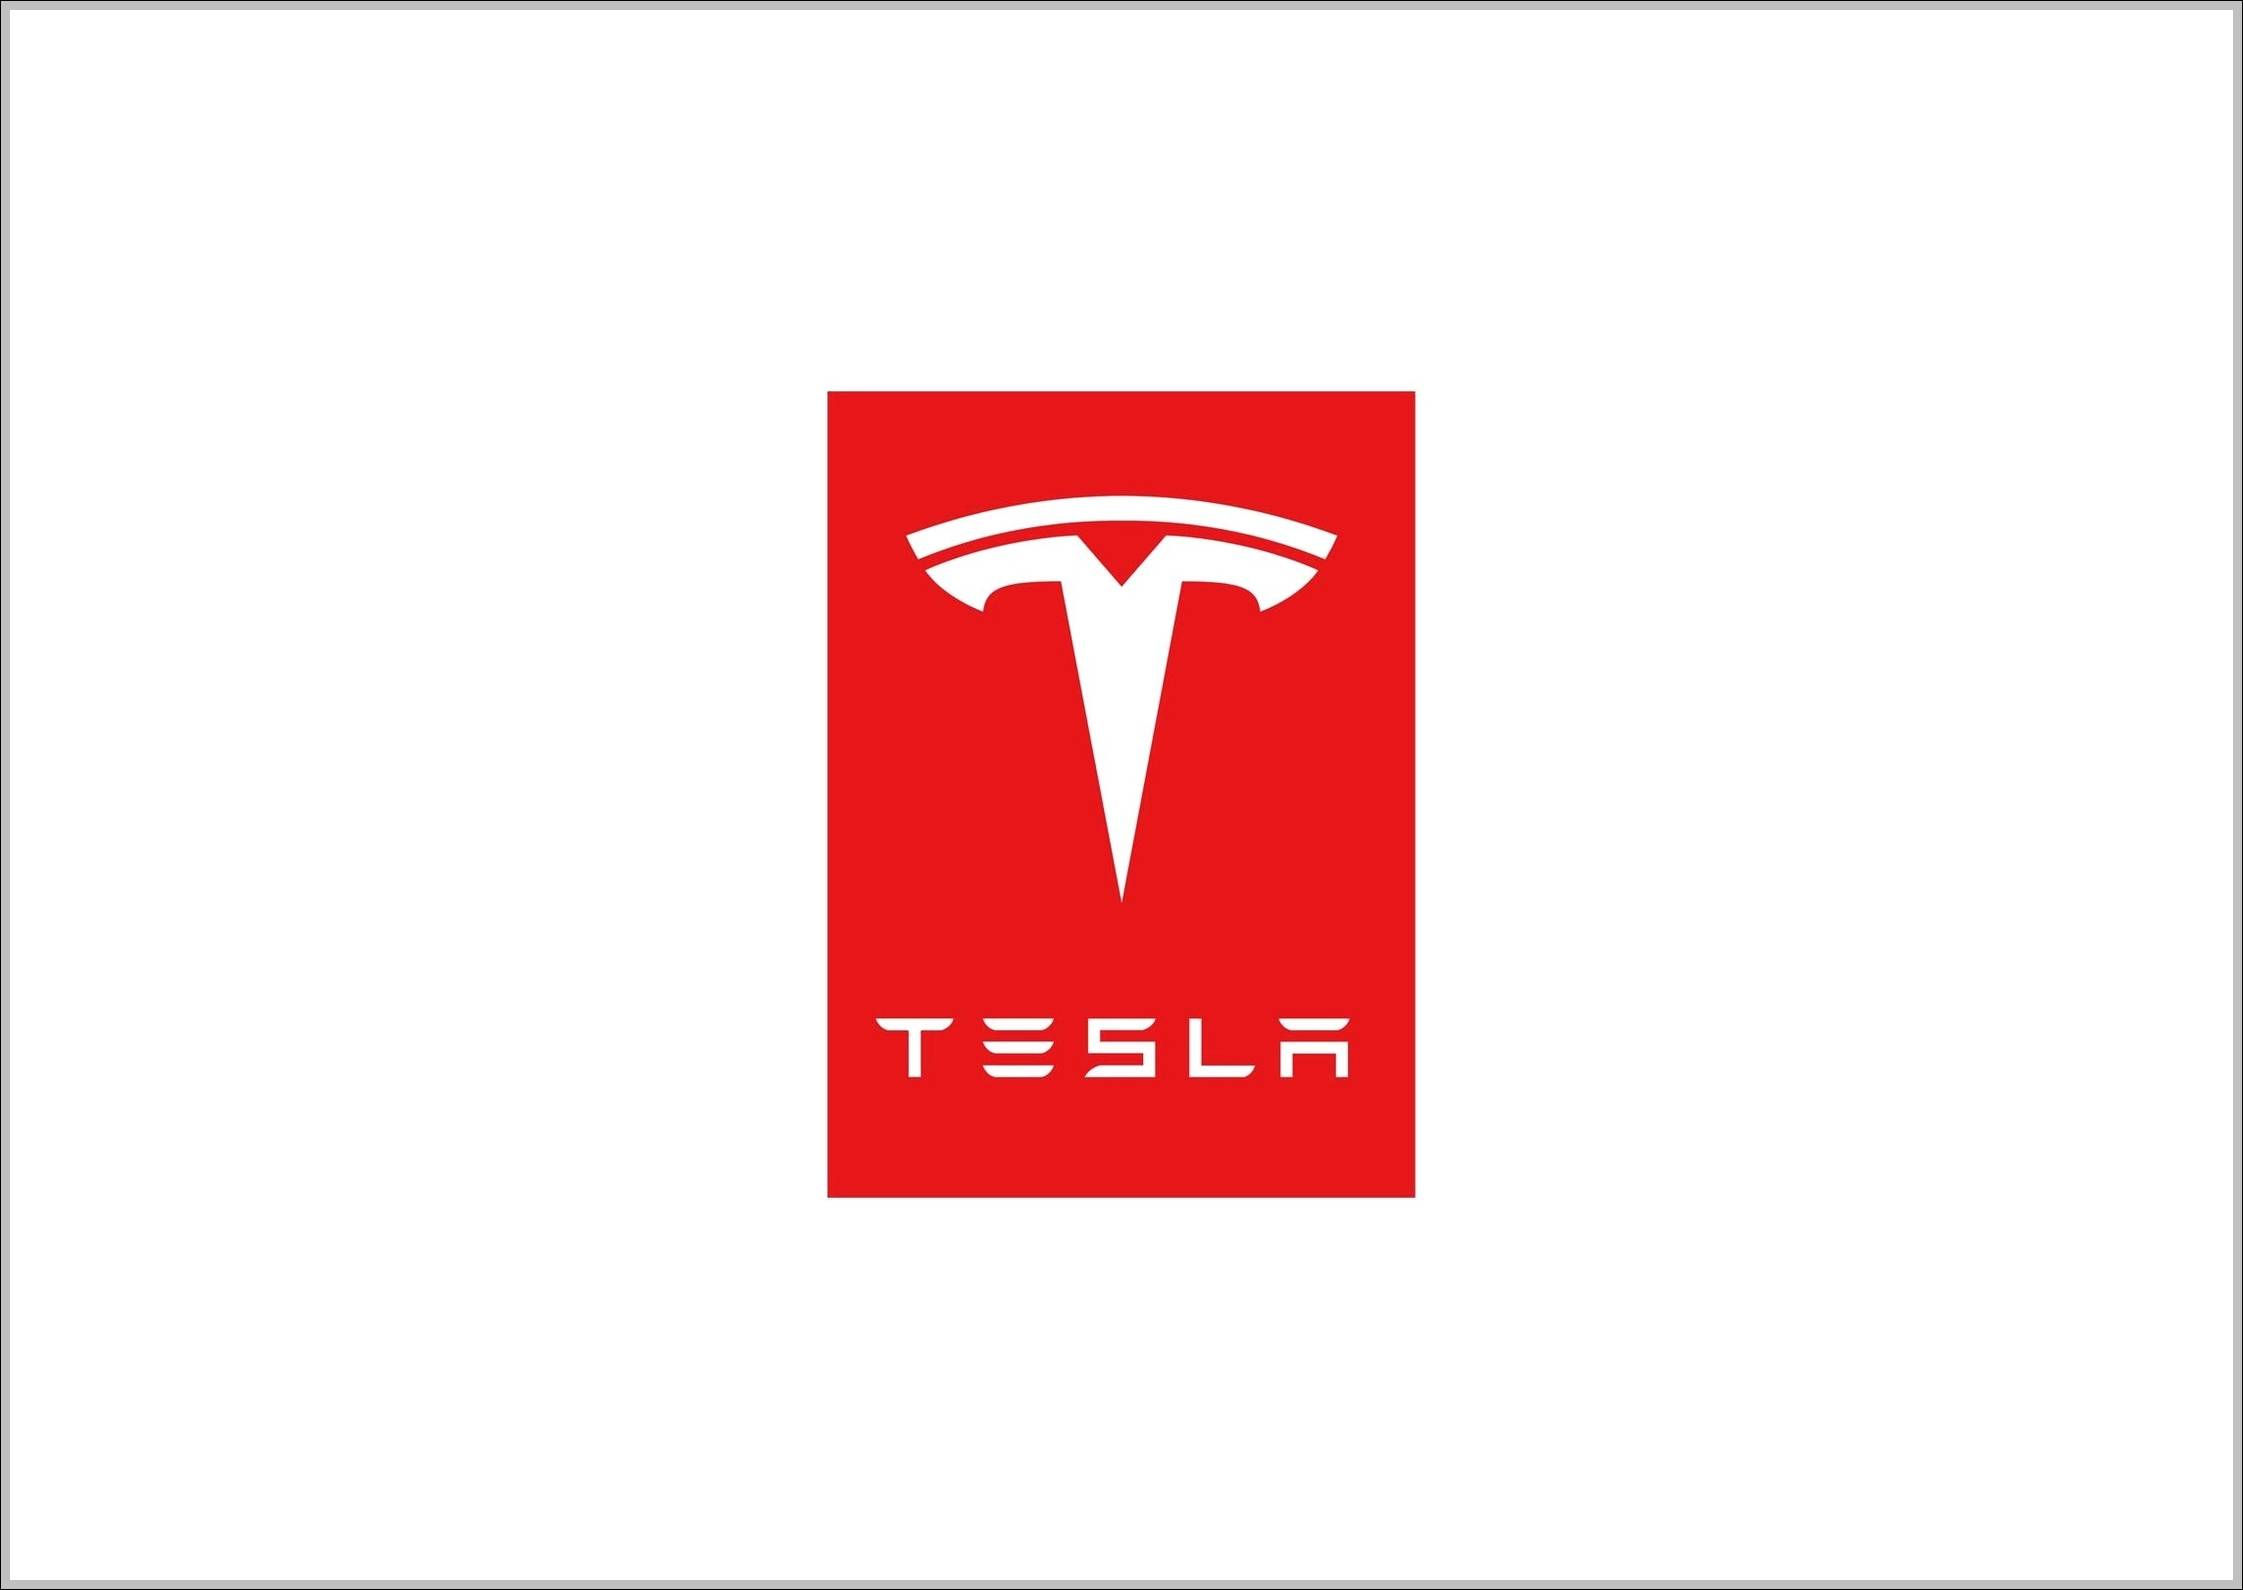 Tesla logo red